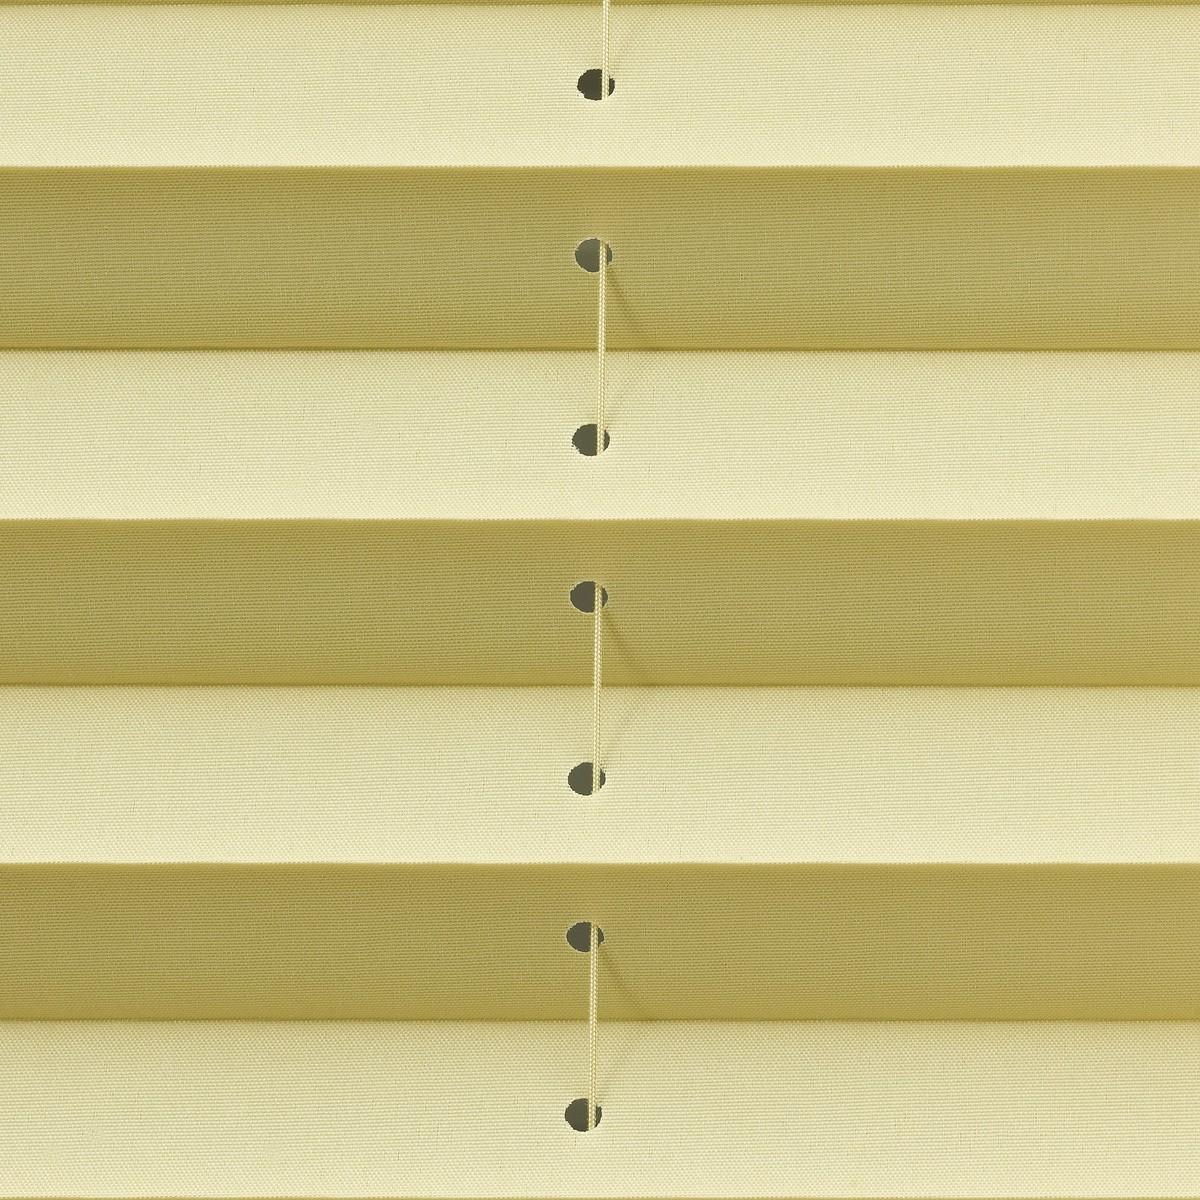 Bild 4 von Powertec Klemmfix-Plissee, ca. 130 x 80 cm, citrus